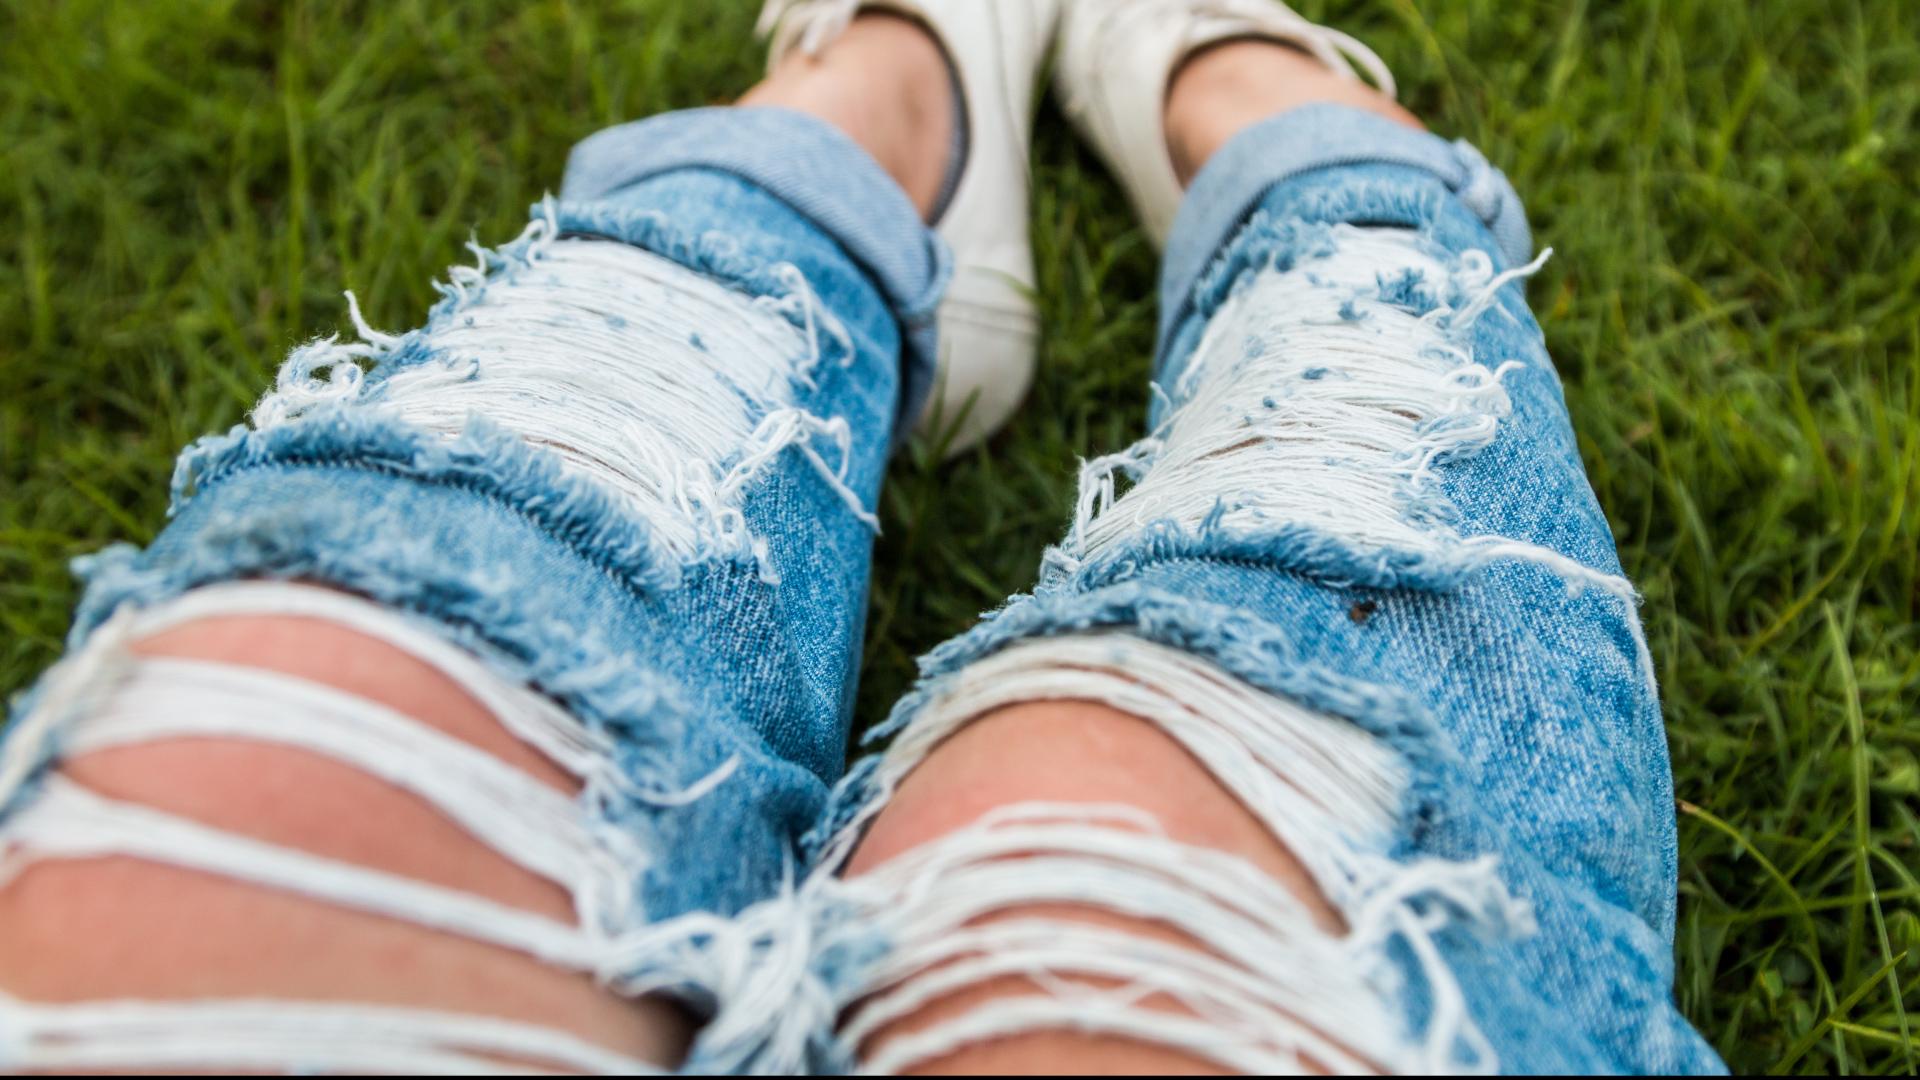 Nosisz dziurawe jeansy? Uważaj na słońce